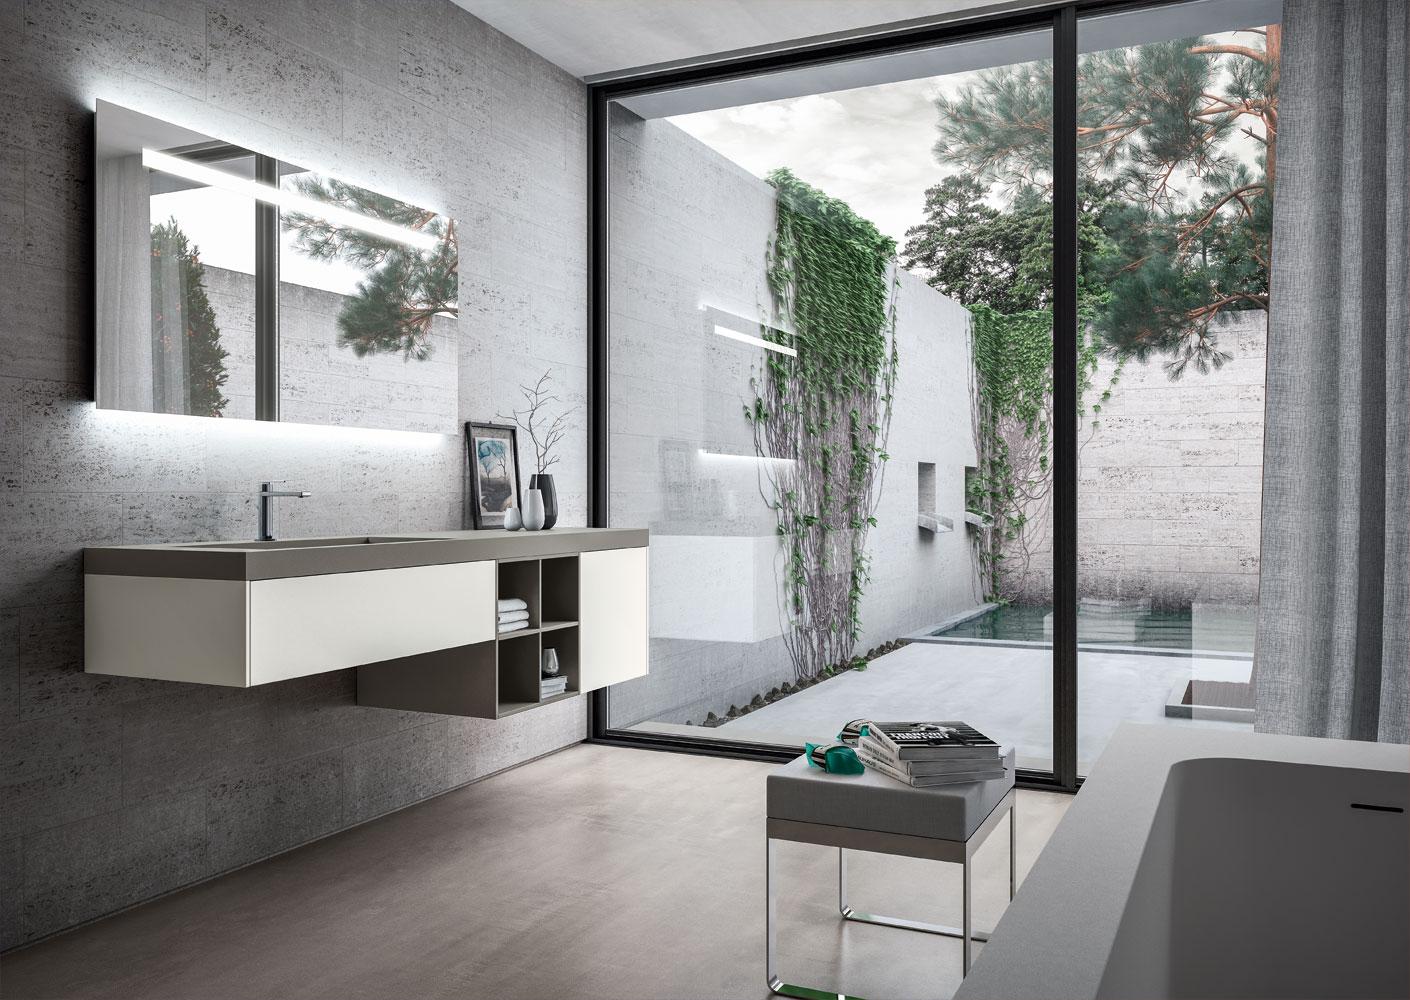 Mobili bagno sense arredo bagno di design ideagroup for Design di mobili